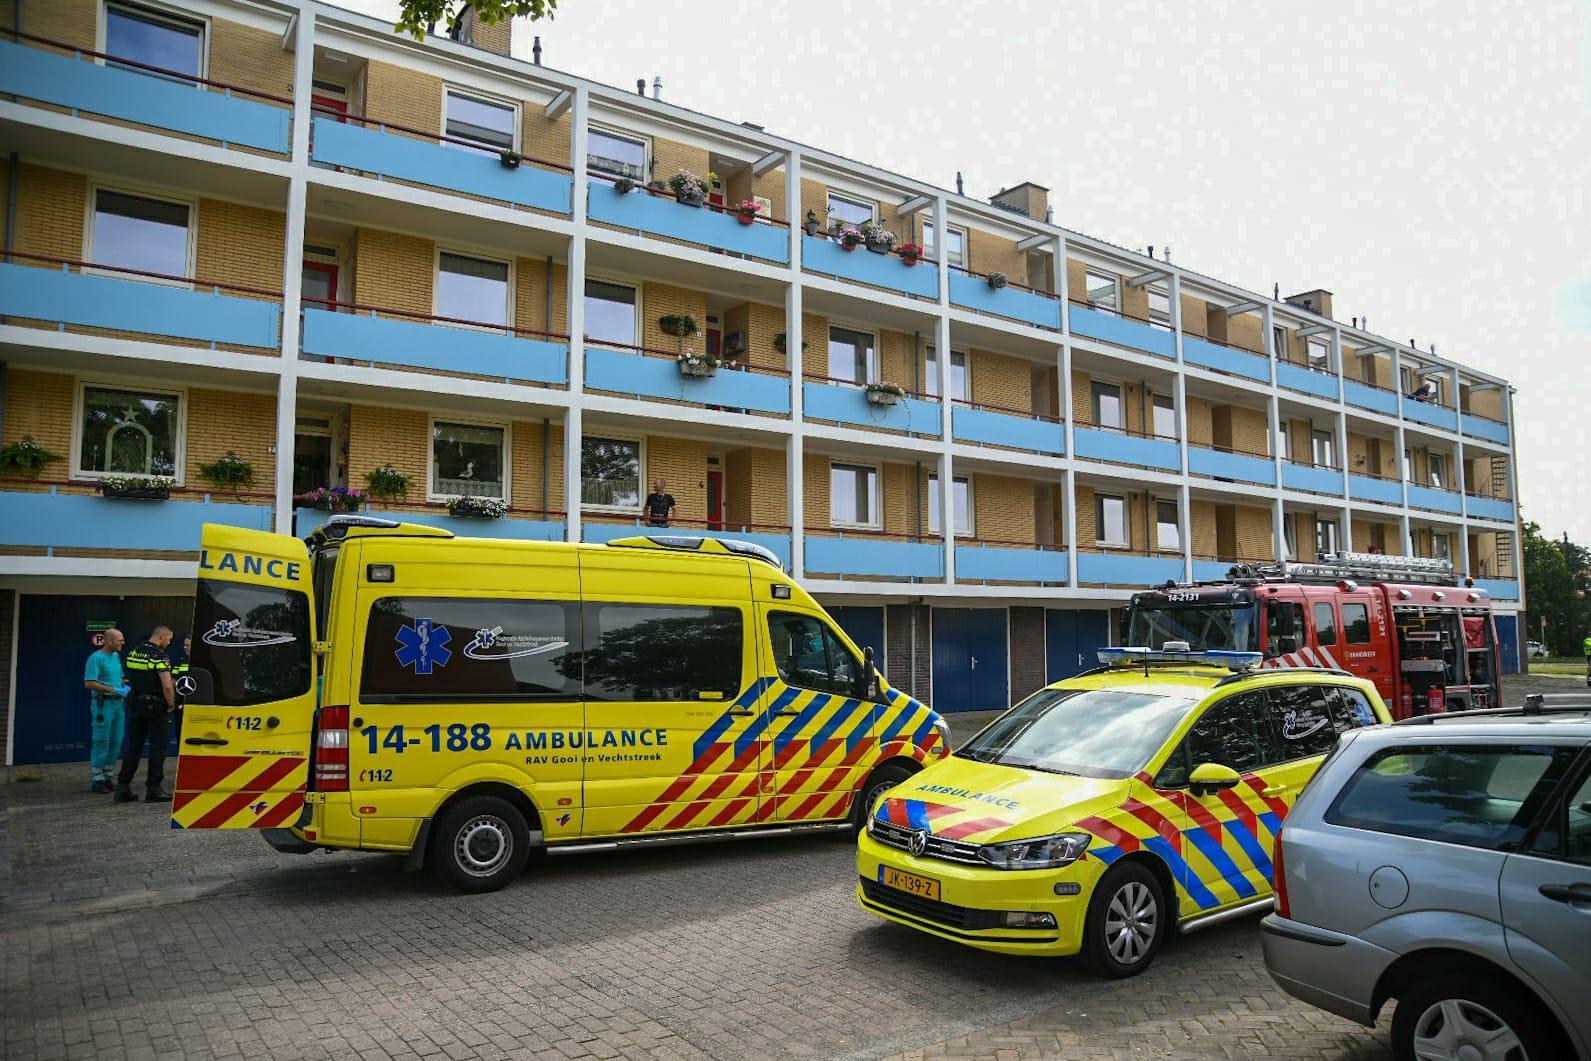 Brandweer redt vrouw uit brandende woning in Hilversum, slachtoffer naar ziekenhuis